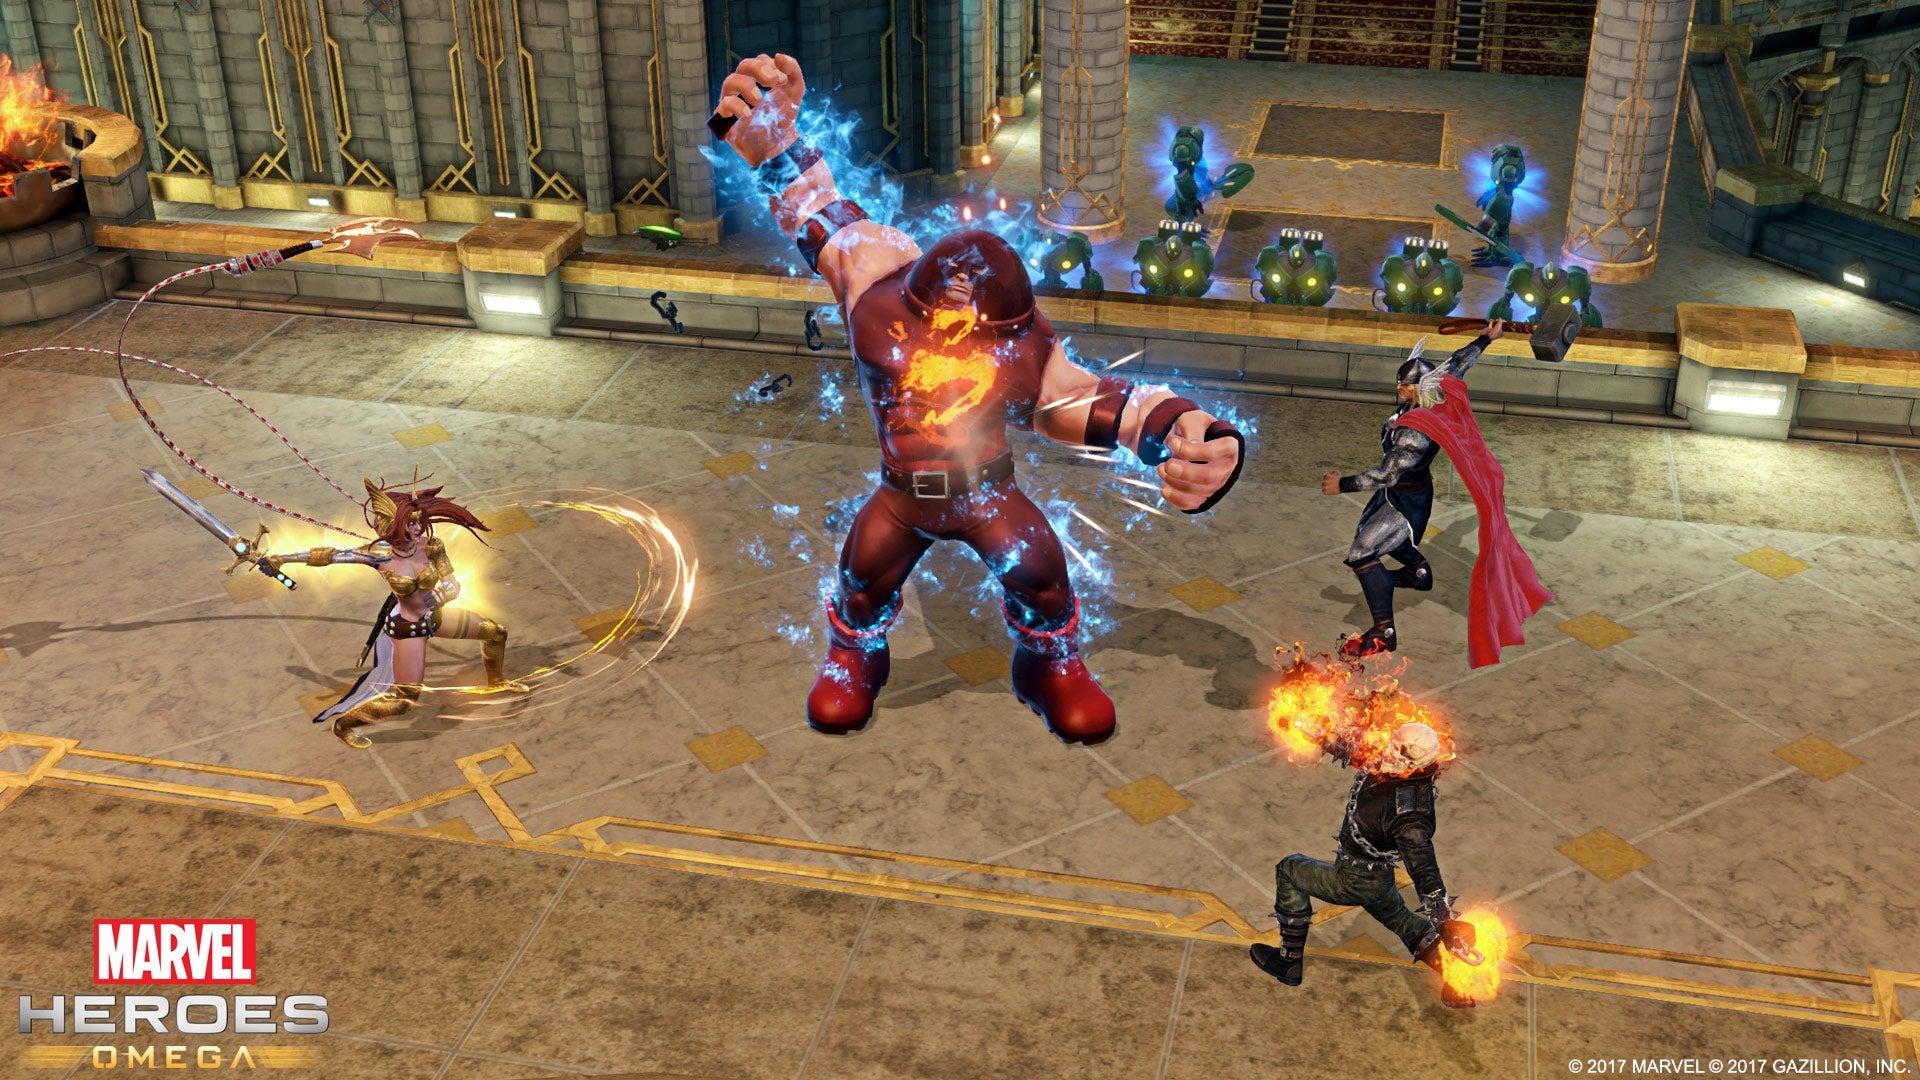 Image for Marvel Heroes Omega is offline on all platforms